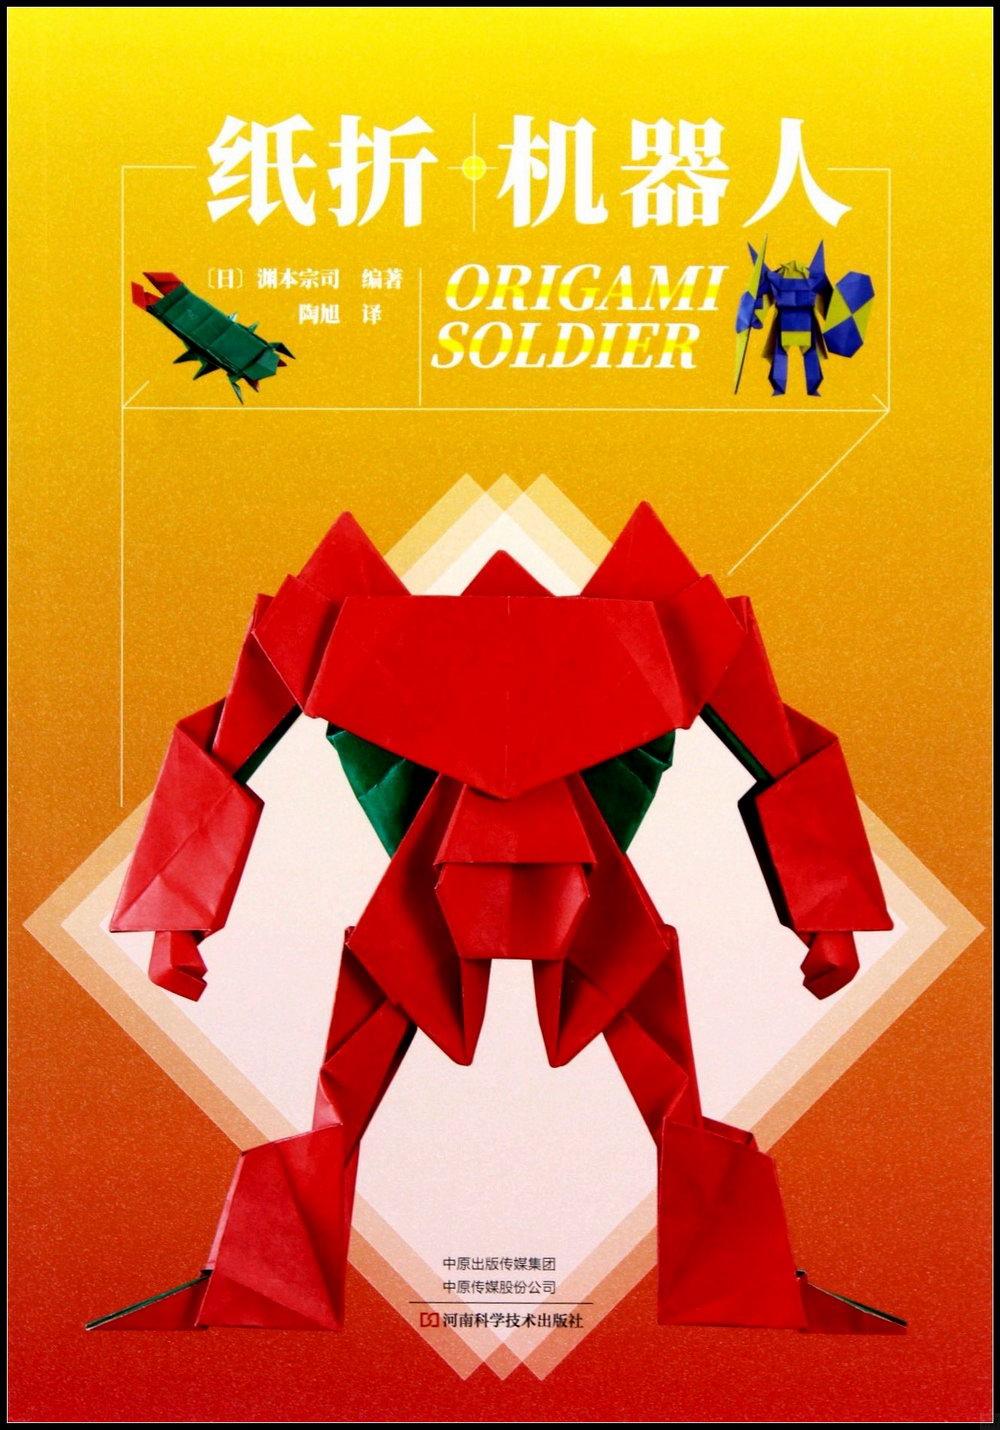 紙折機器人